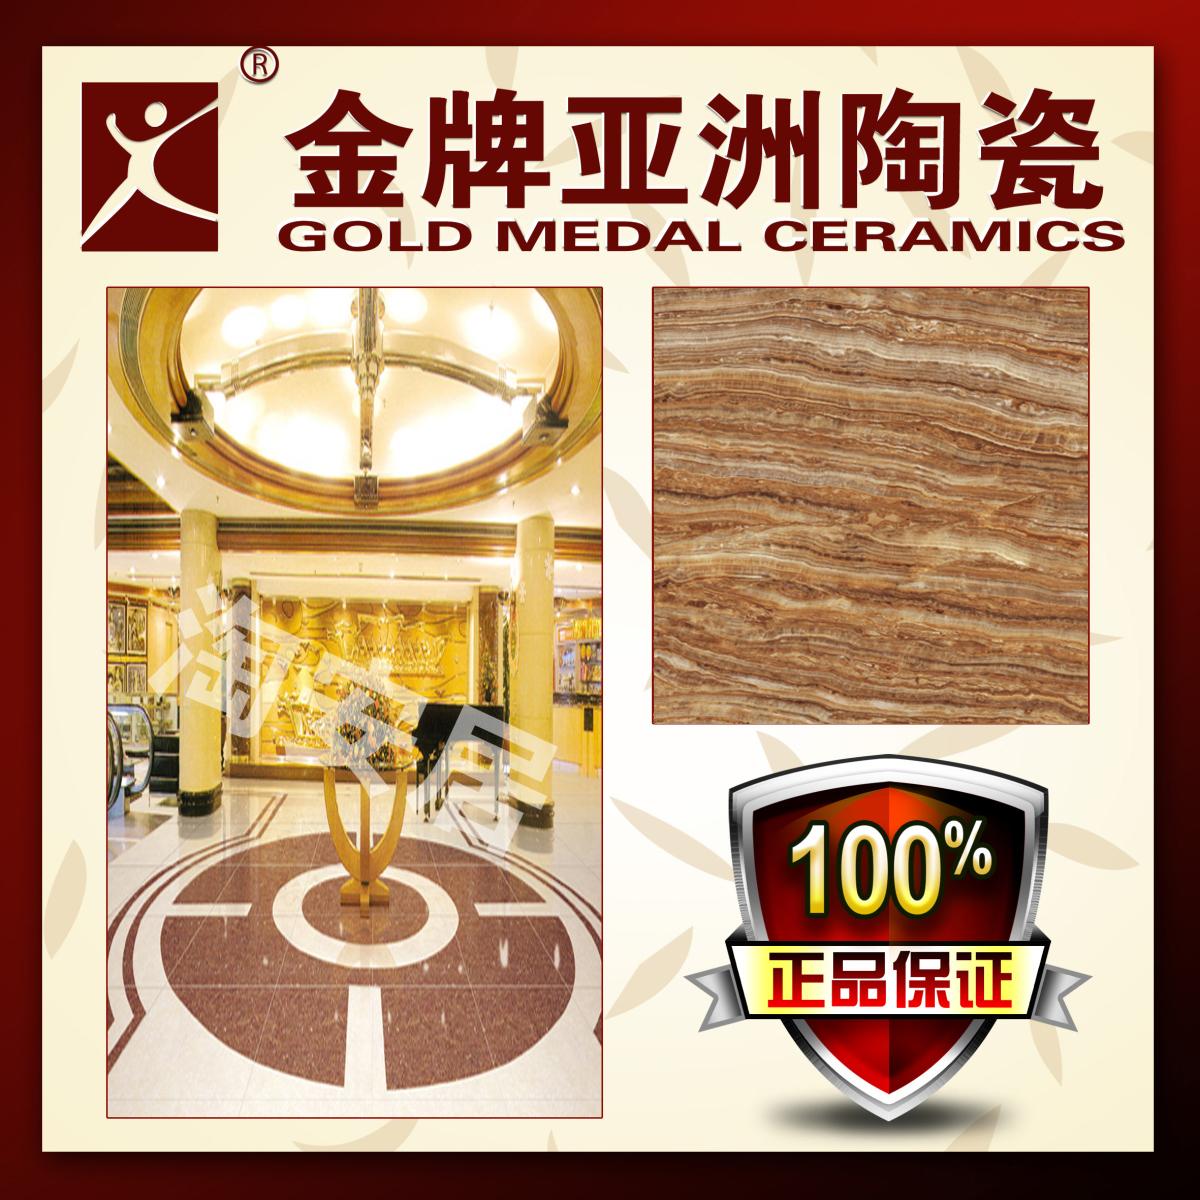 金牌亚洲磁砖_金牌亚洲陶瓷 瓷砖 地板砖 88dj381p 包邮包加工 实体